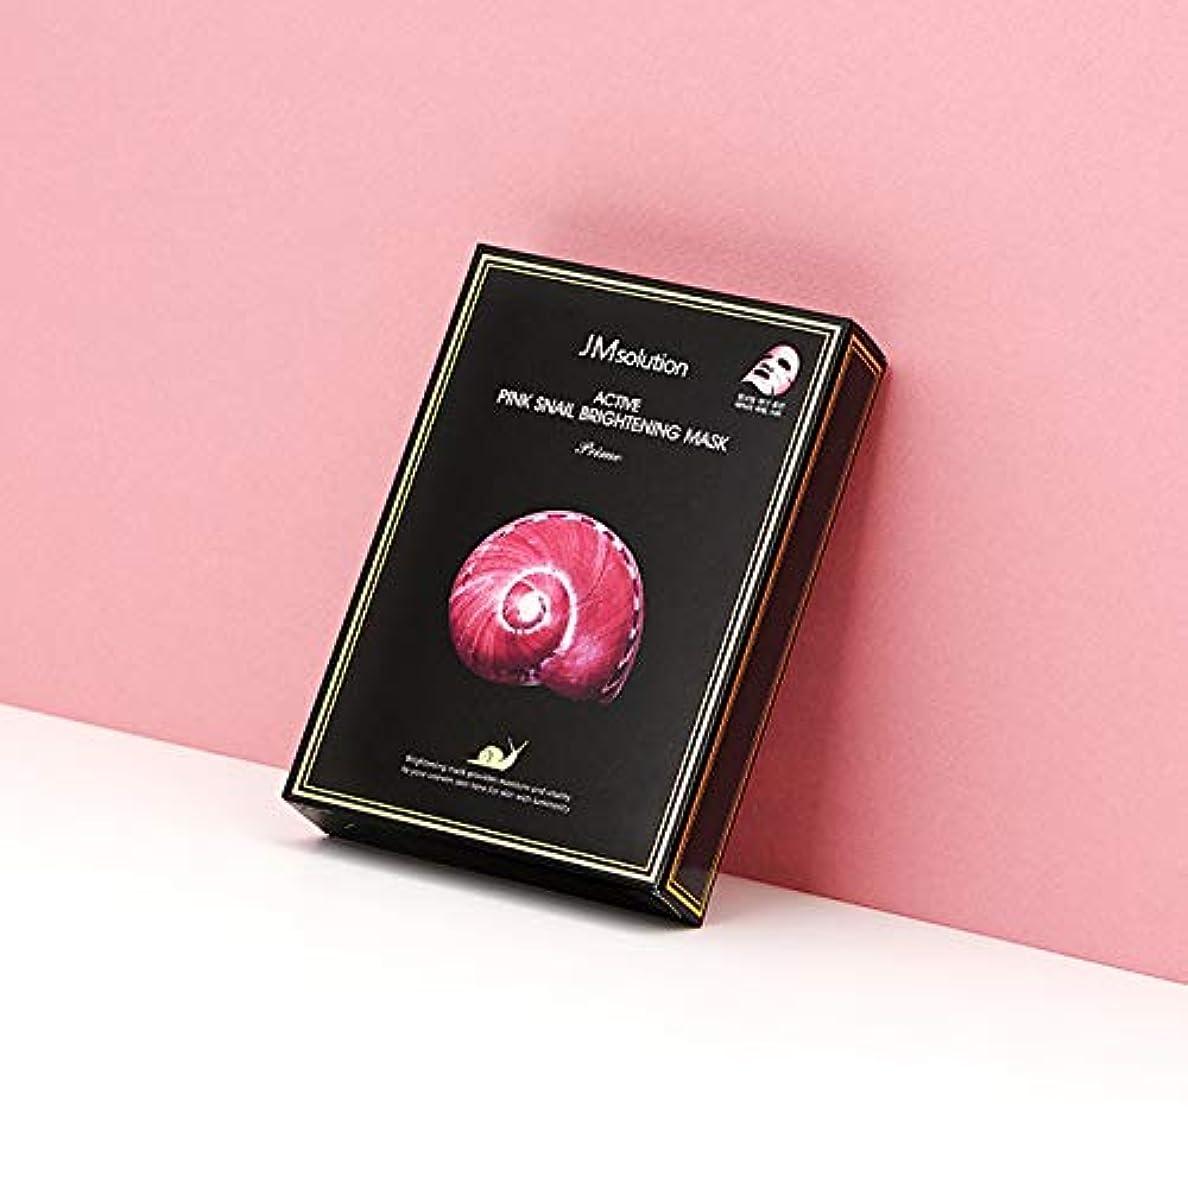 賠償パンフレット廃止するJMソリューション(JM Solution) アクティブピンクカタツムリブライトニングマスクプライム30mlx10P / Active Pink Snail Brightening Mask Prime